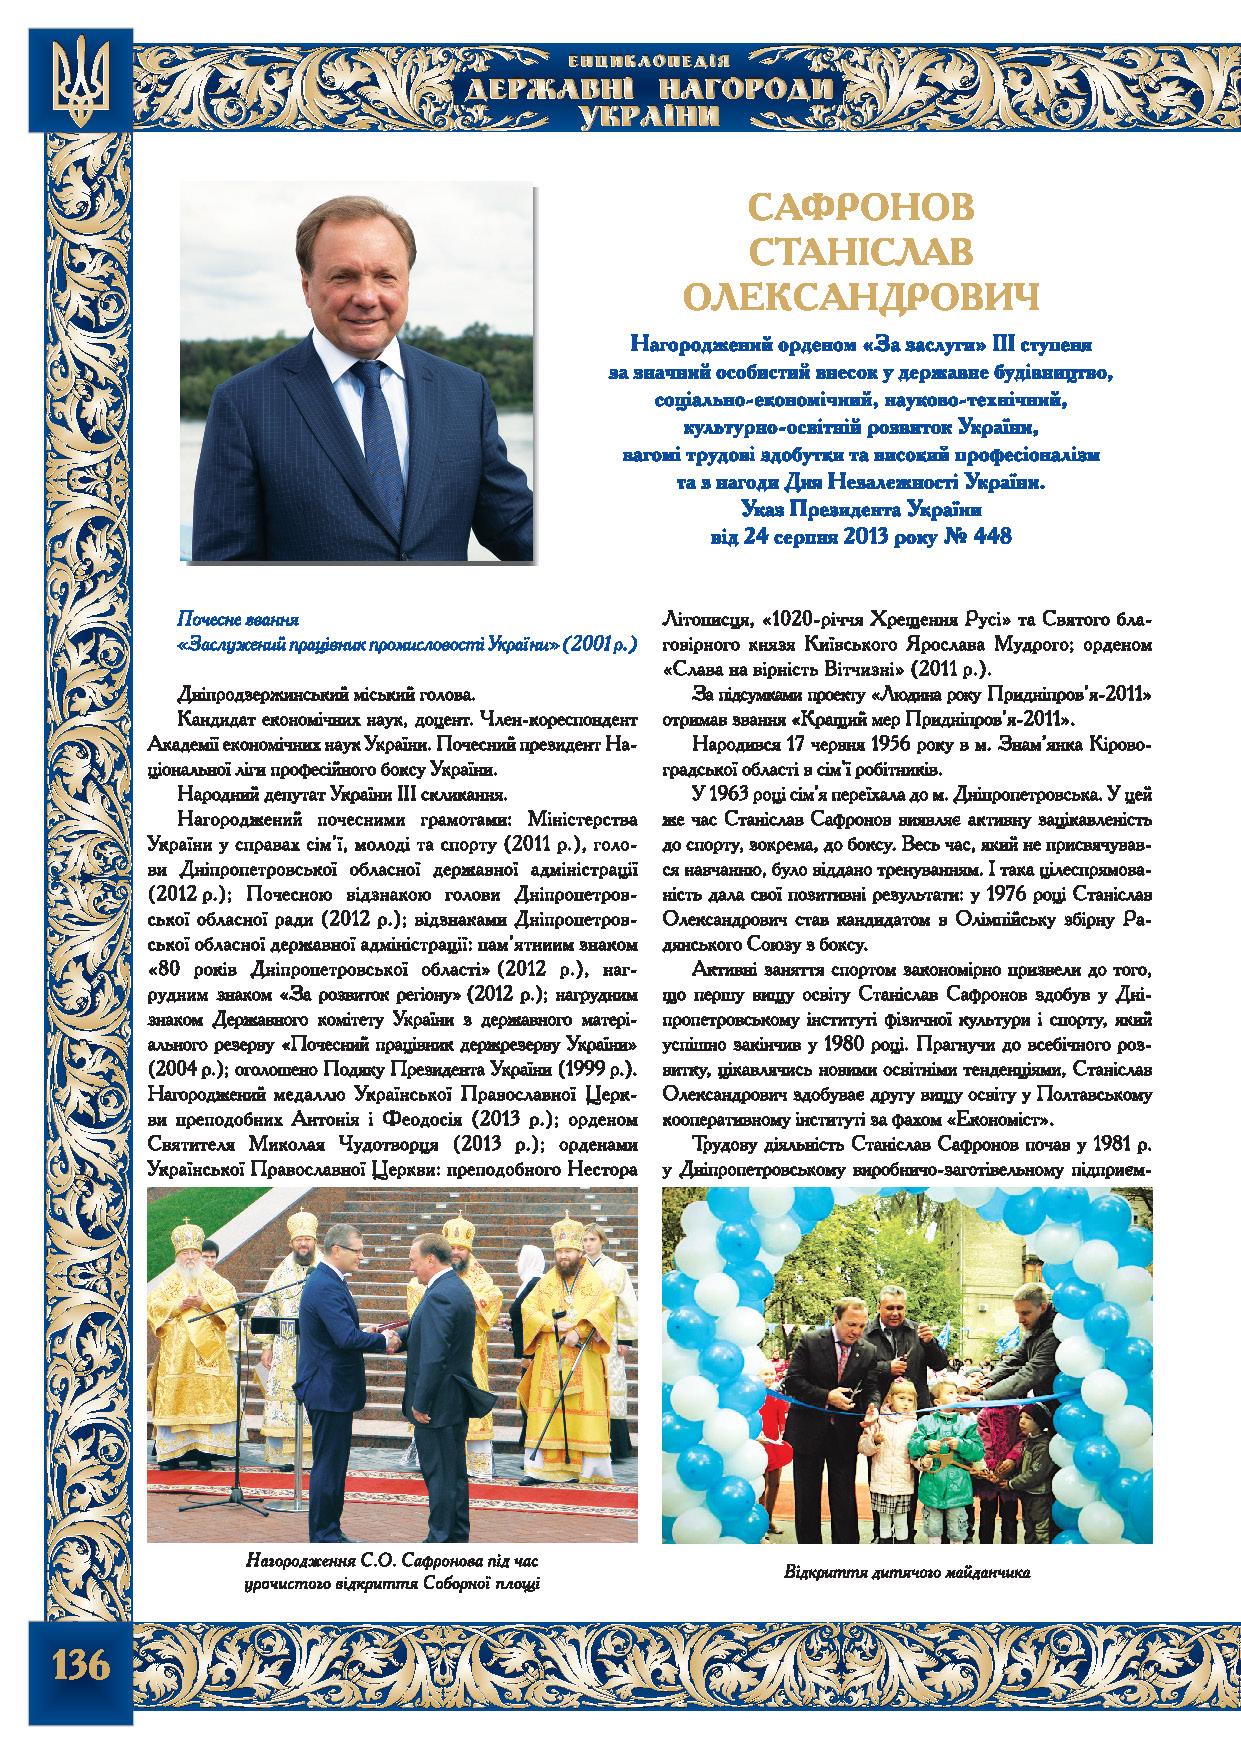 Сафронов Станіслав Олескандрович